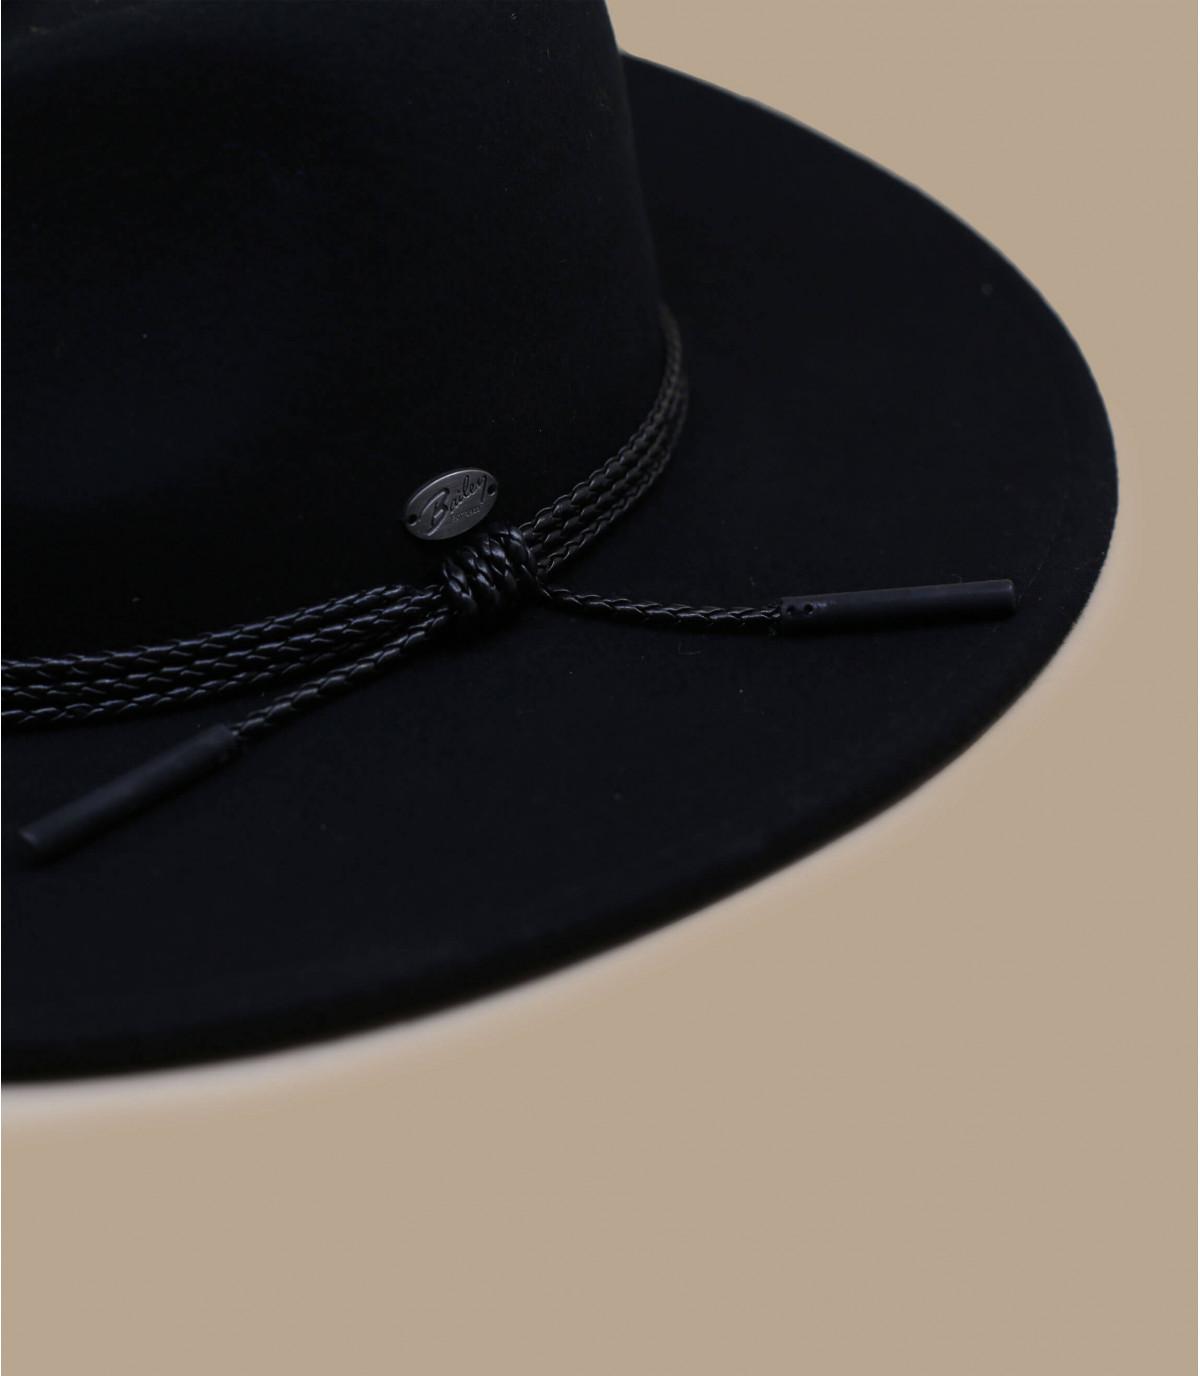 zwarte vilten hoed met brede rand